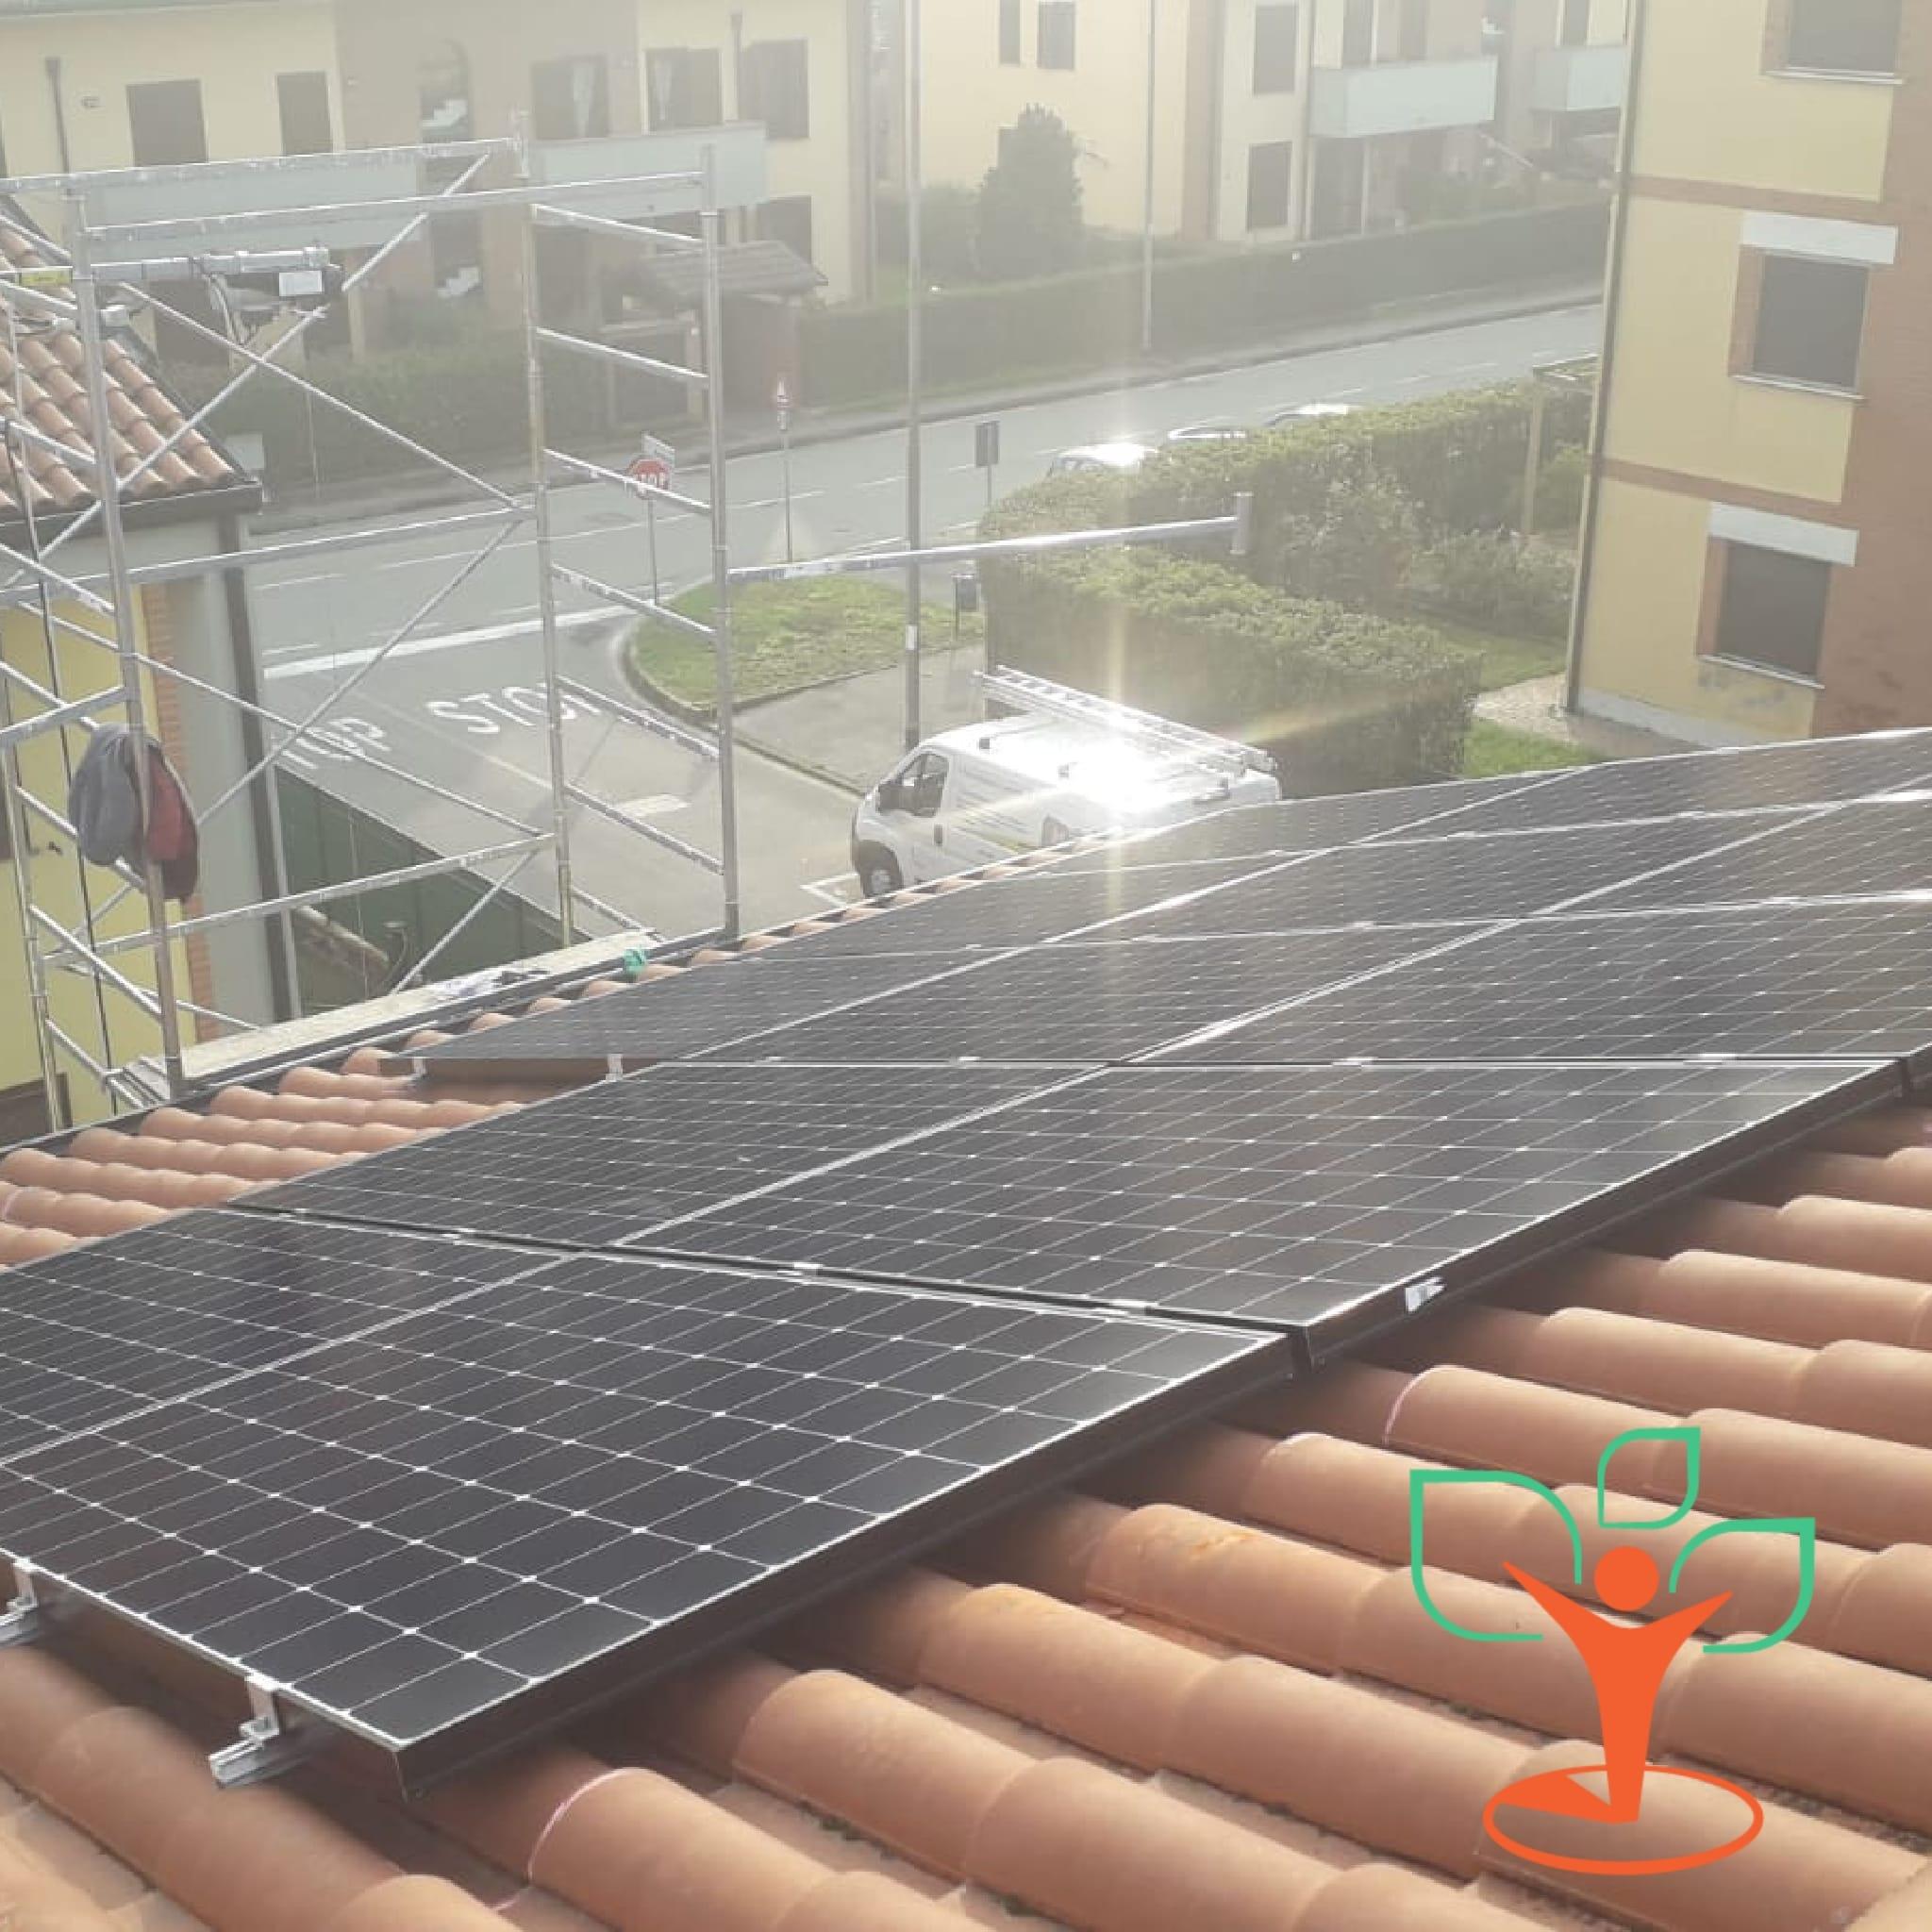 Installazione impianto fotovoltaico SunPower da 4,2 kWp a Dresano (MI)